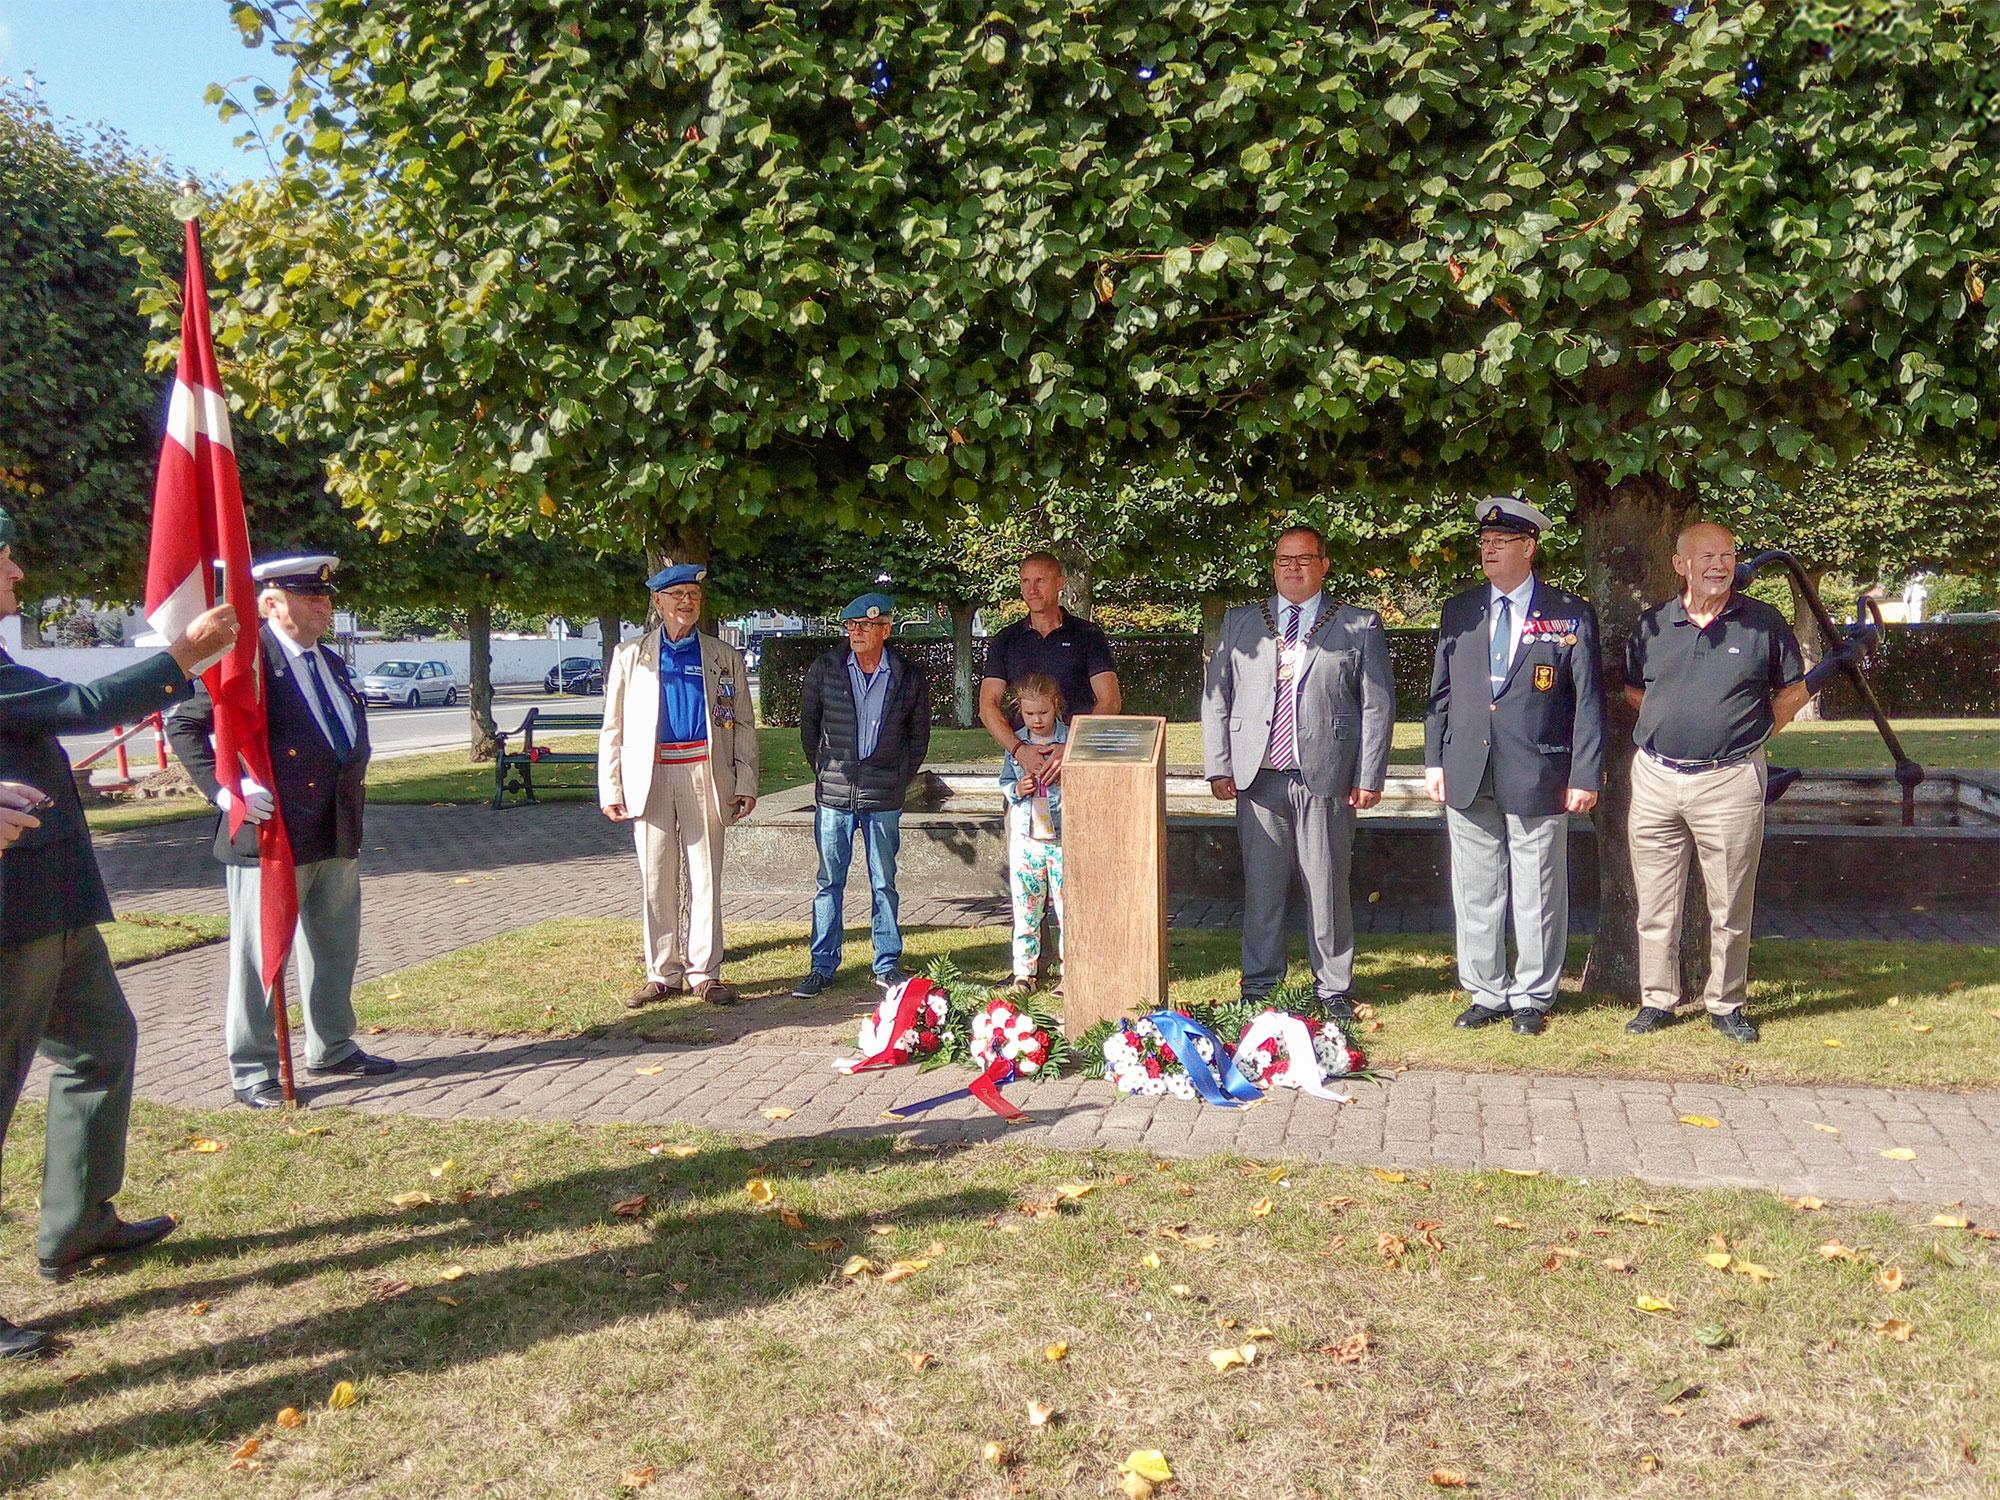 Lokale veteraner sammen med borgmester Eik Dahl Bidstrup og seniorsergent Søren Konradsen ved det nye mindesmærke.